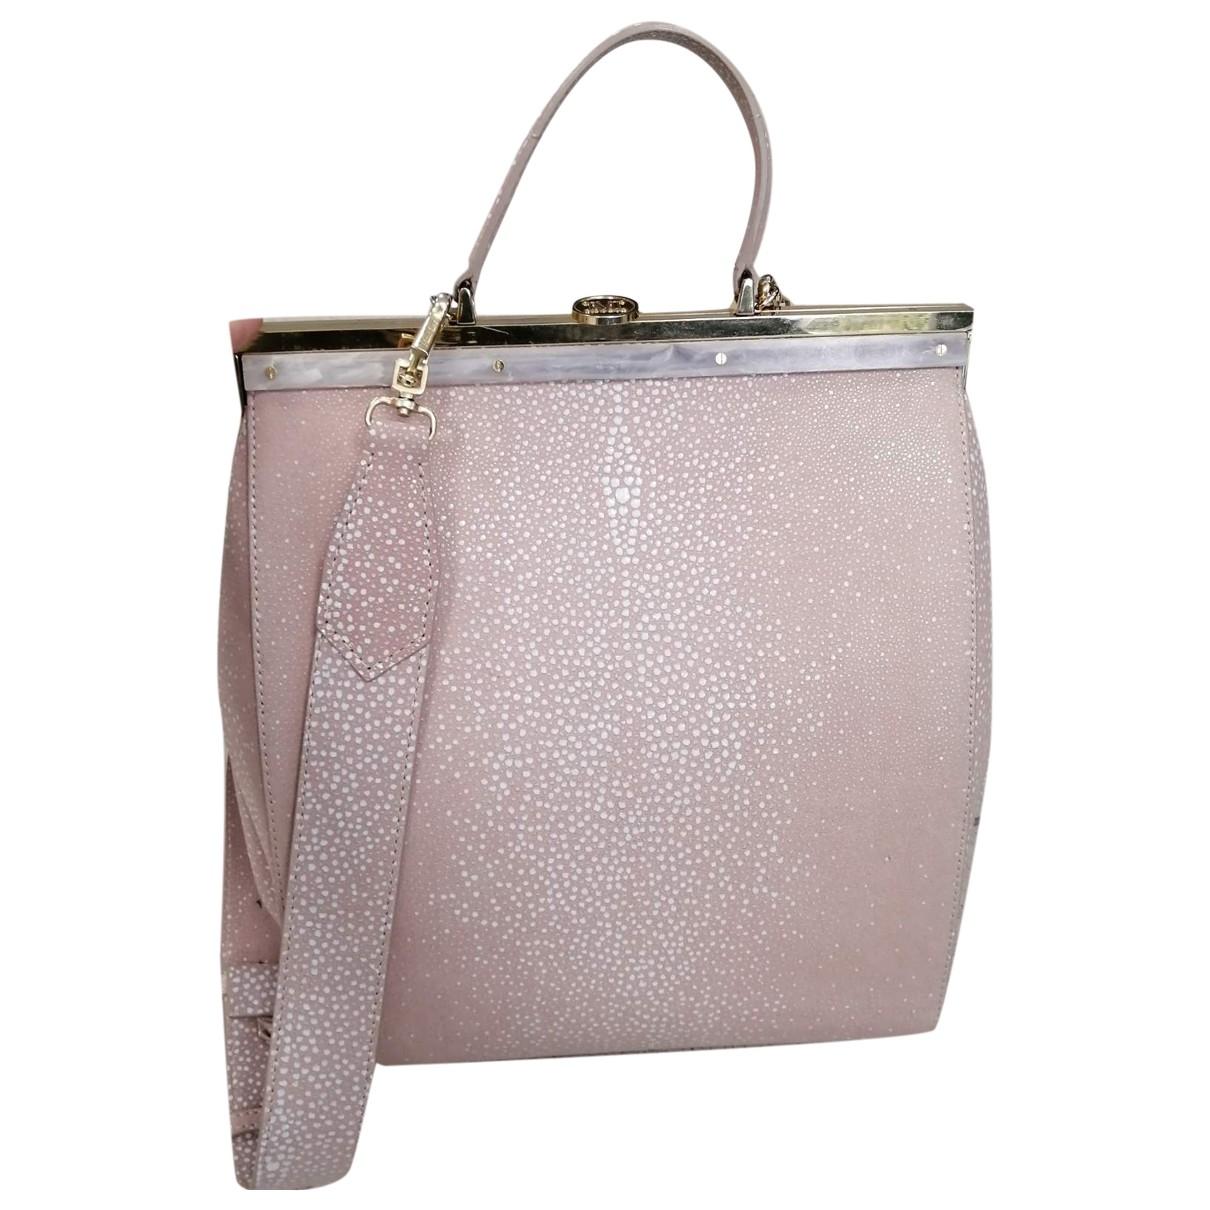 Max Mara \N Pink Suede handbag for Women \N